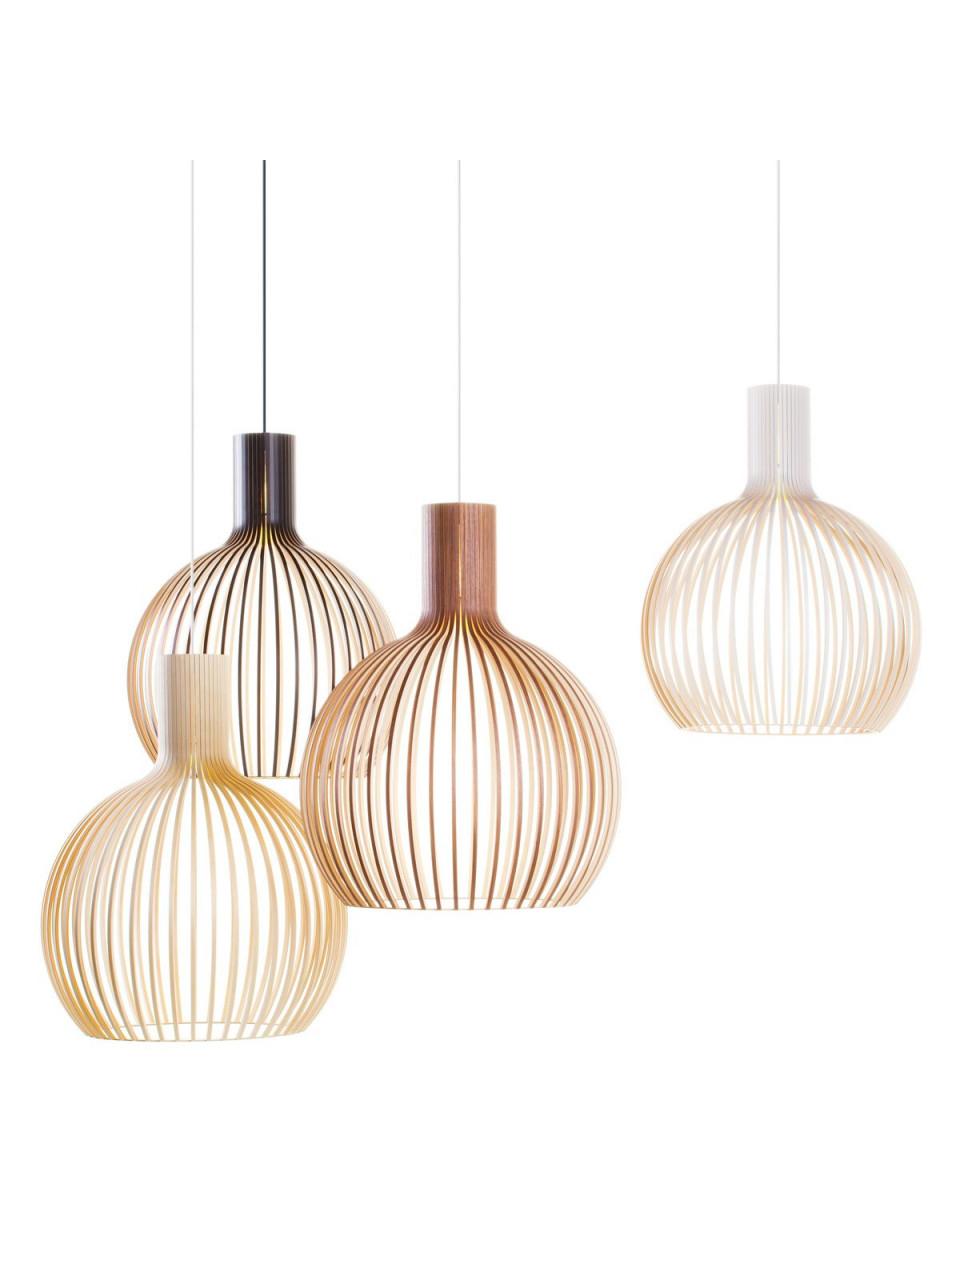 Wohnzimmer Leuchten Design von Design Wohnzimmer Lampe Bild